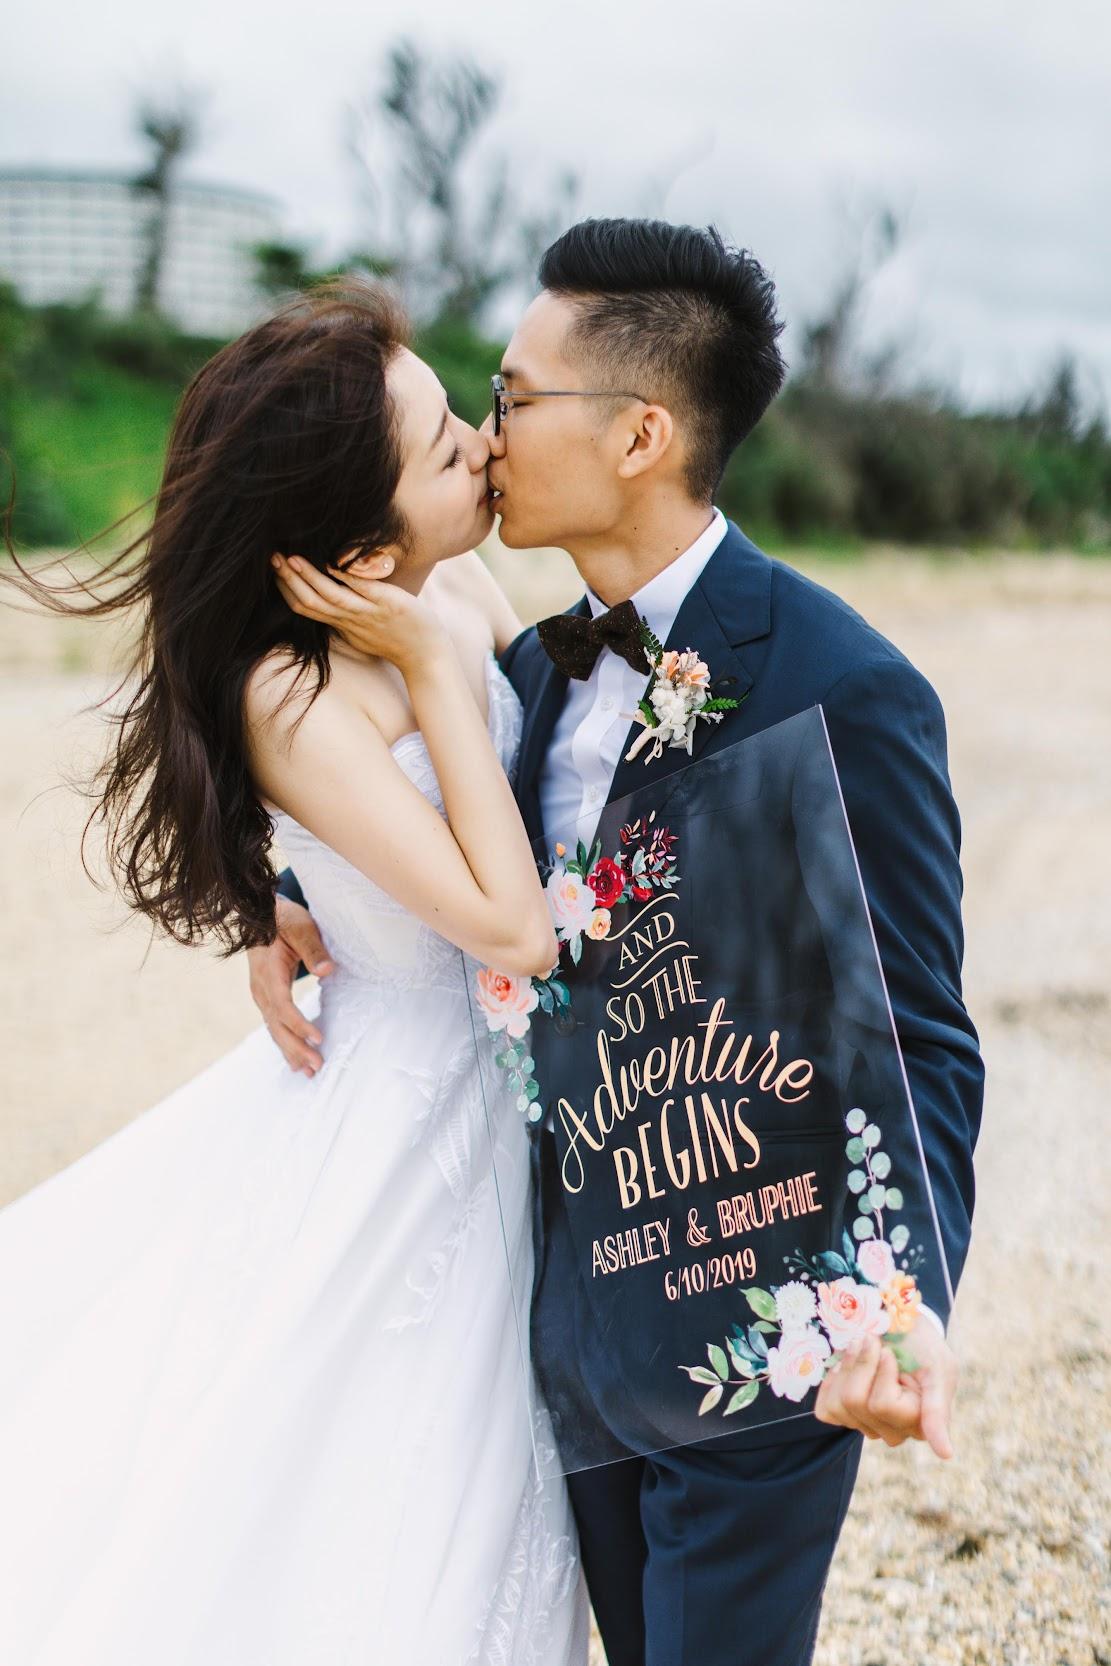 在沖繩 的 萬豪酒店 舉行陽光正好的美式 婚禮 ,是每位新娘夢寐以求的海外婚禮樣式 - amazing Grace婚攝